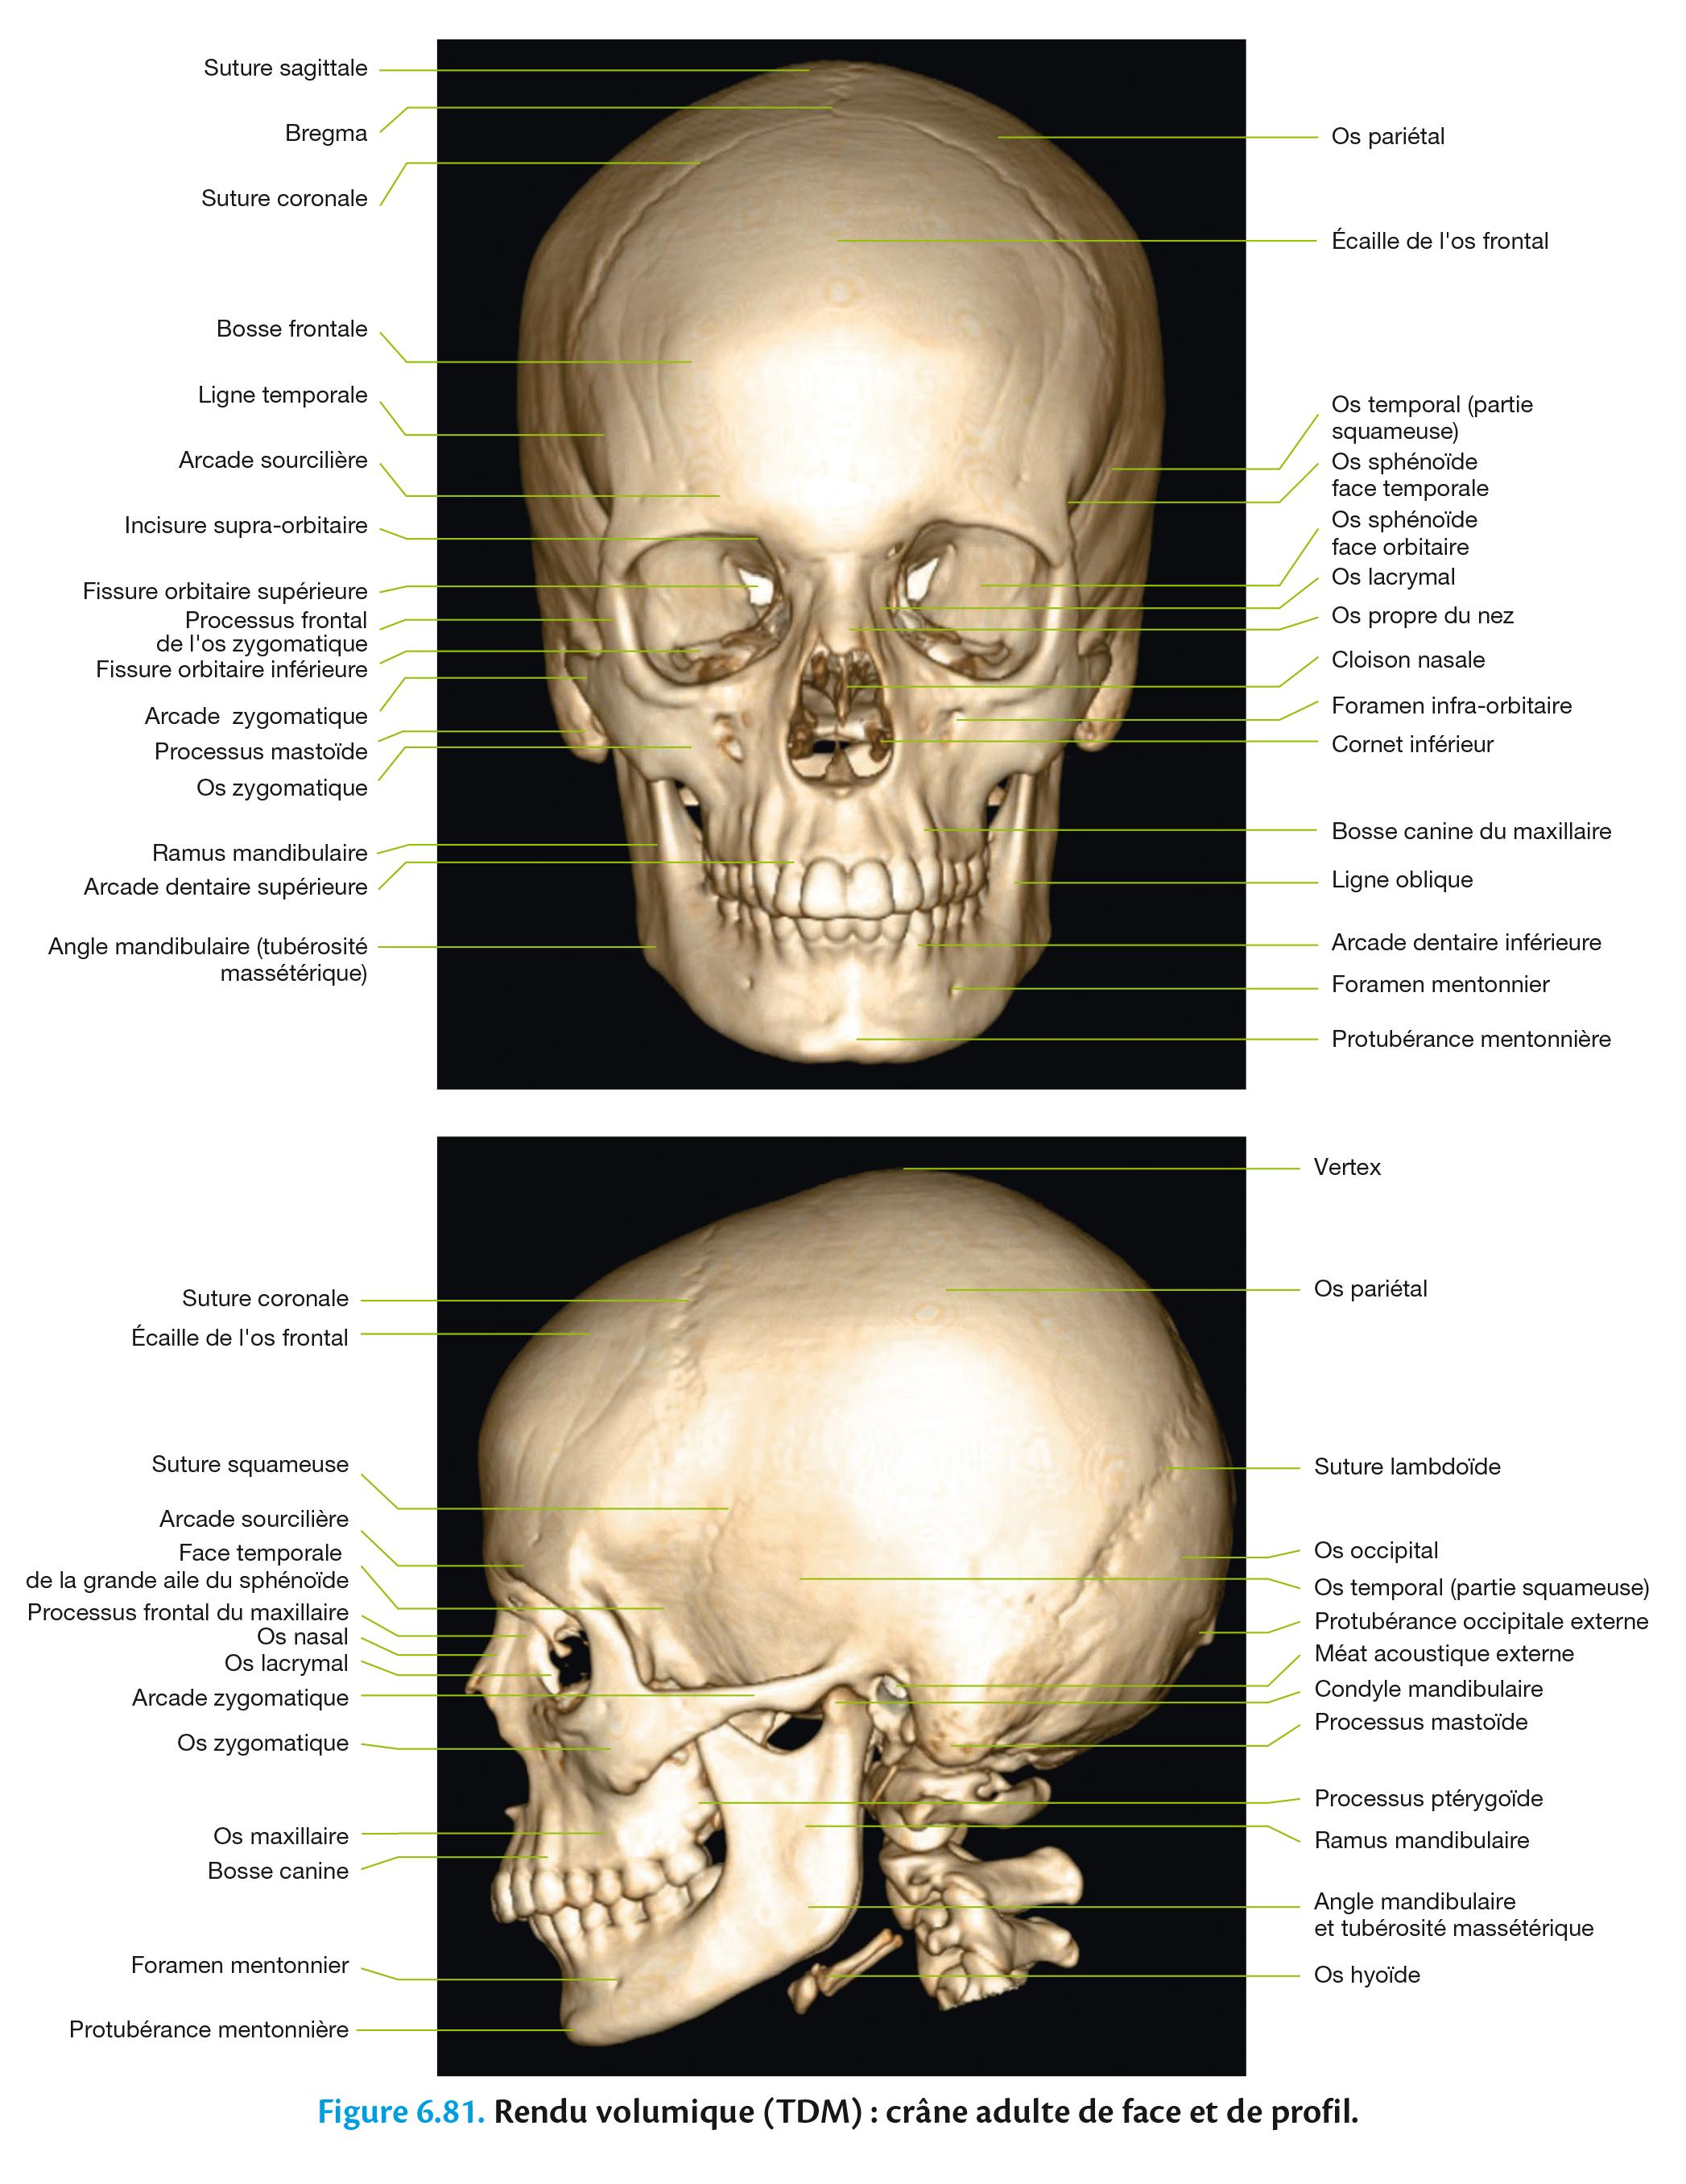 Figure 6.81. Rendu volumique (TDM) : crâne adulte de face et de profil.